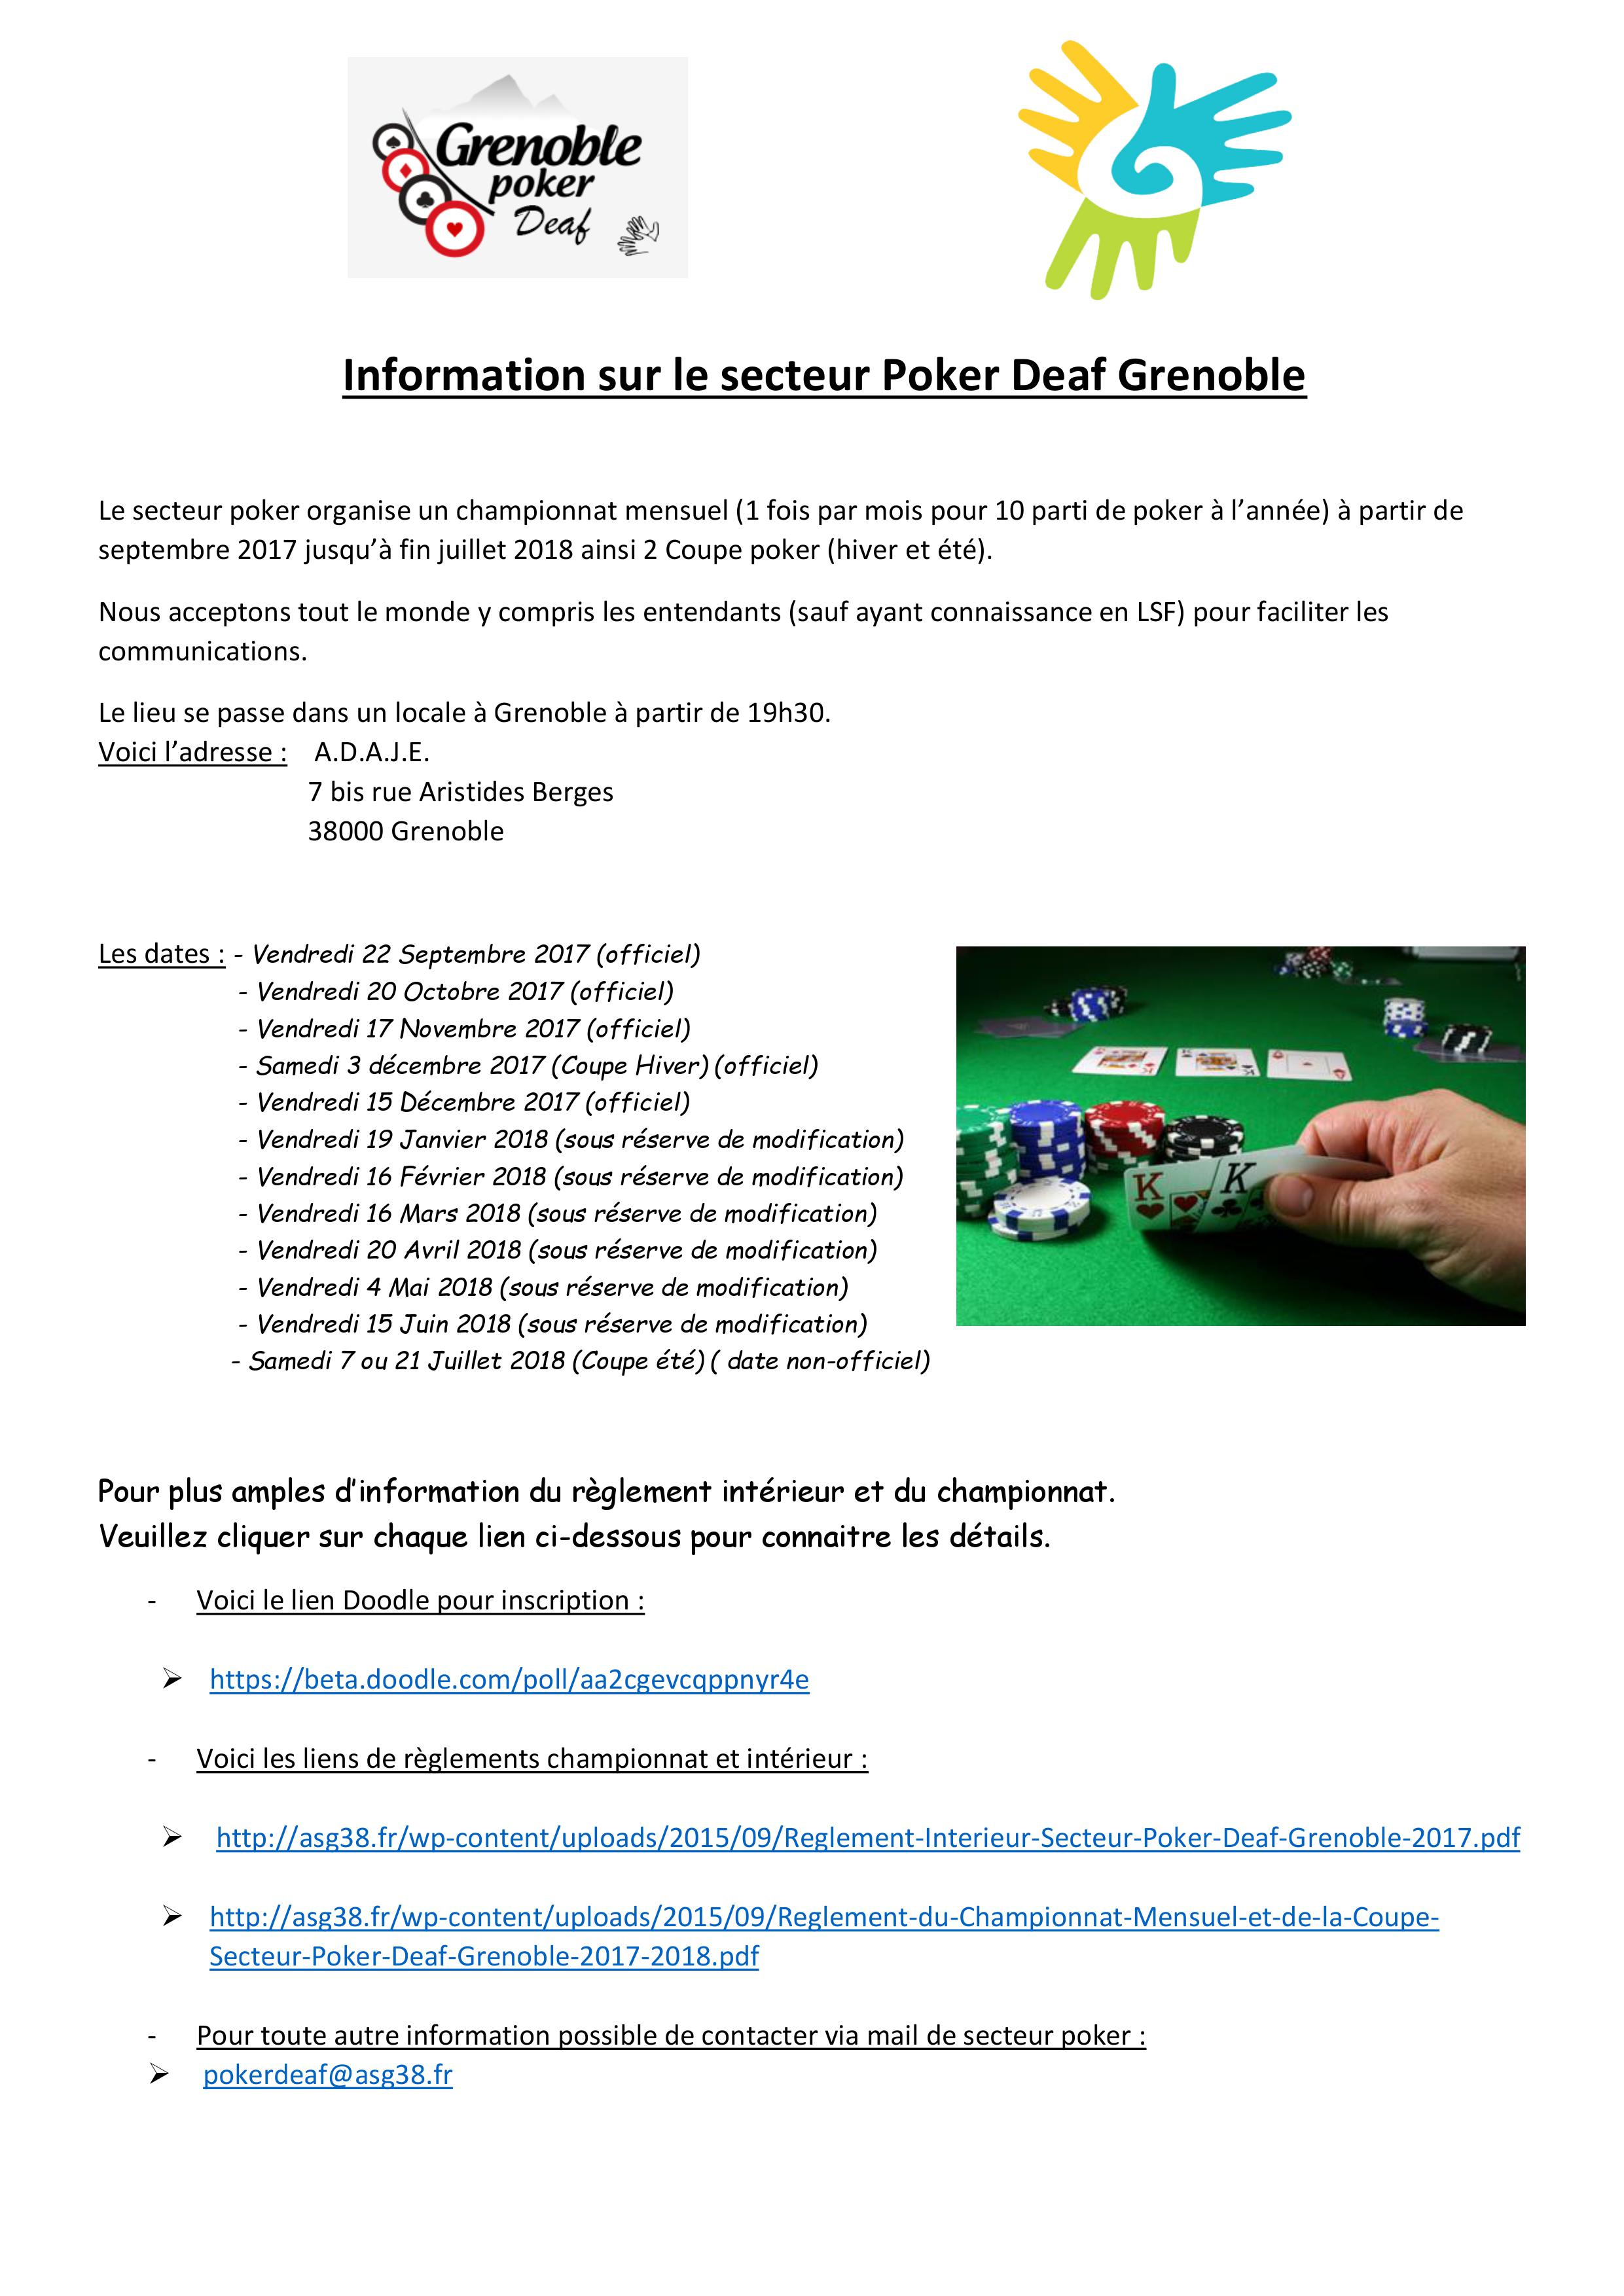 Information sur le secteur Poker Deaf Grenoble